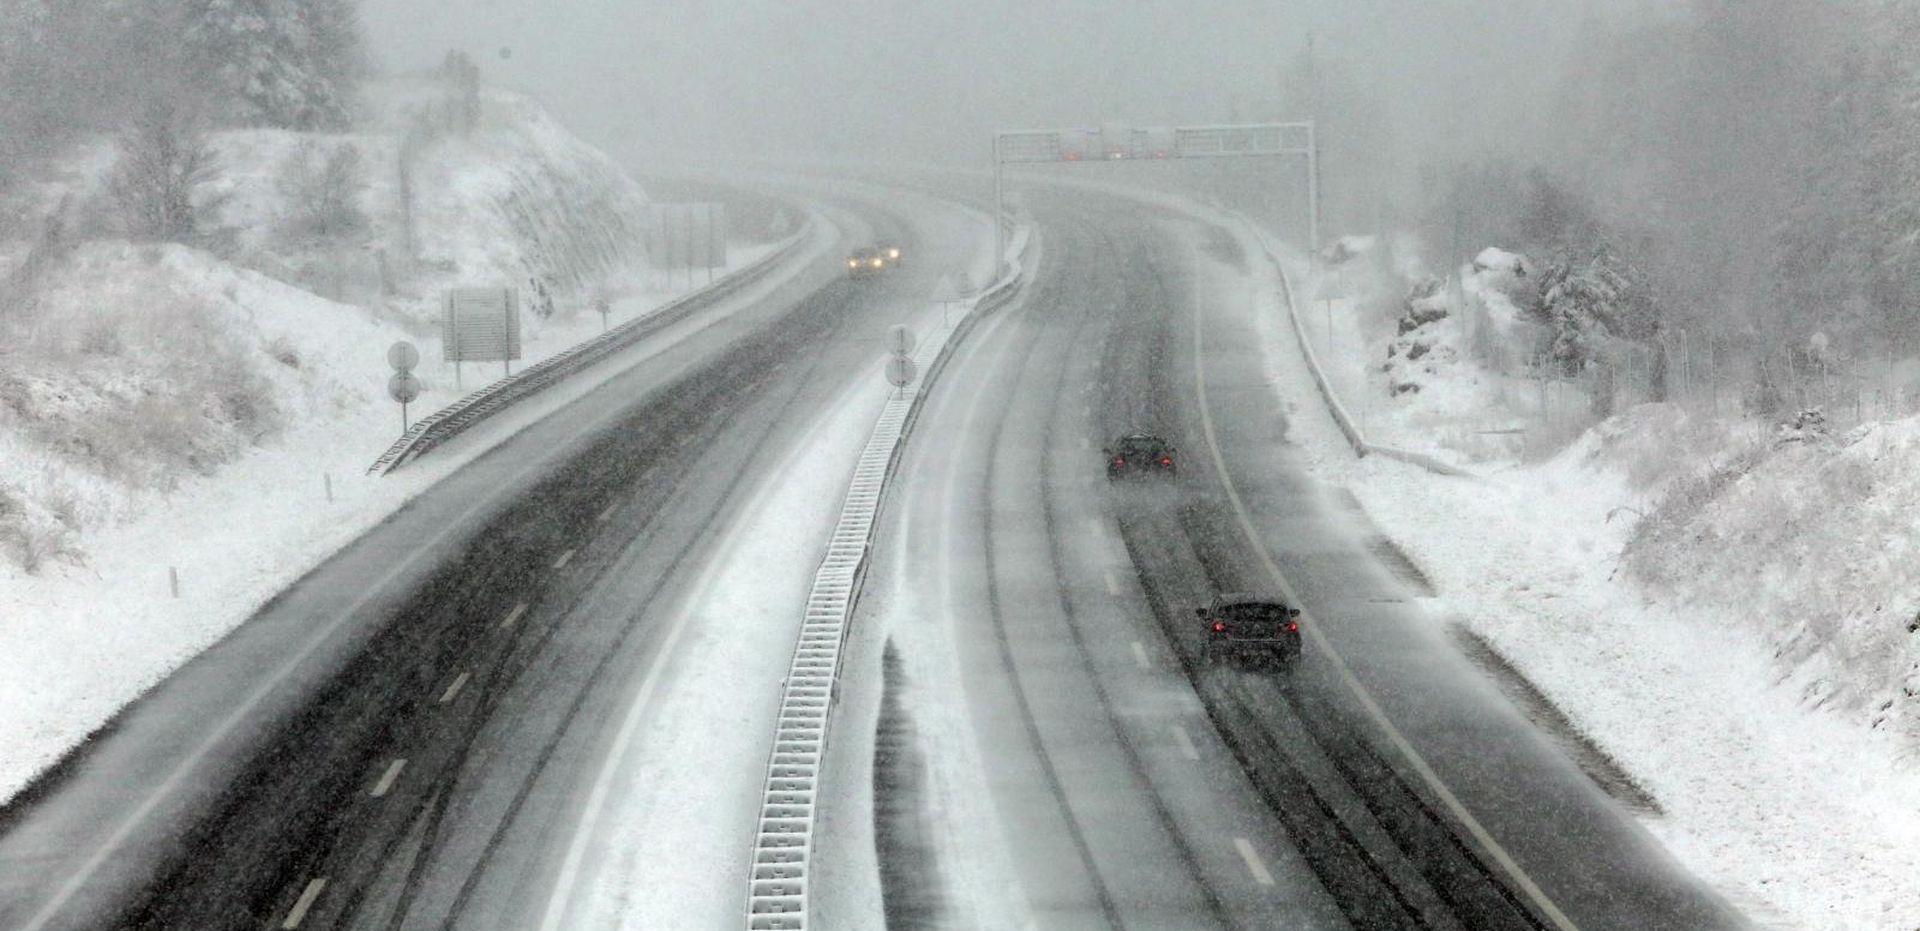 VOZAČI, OPREZ! Snijeg diljem zemlje, zimski uvjeti na cestama